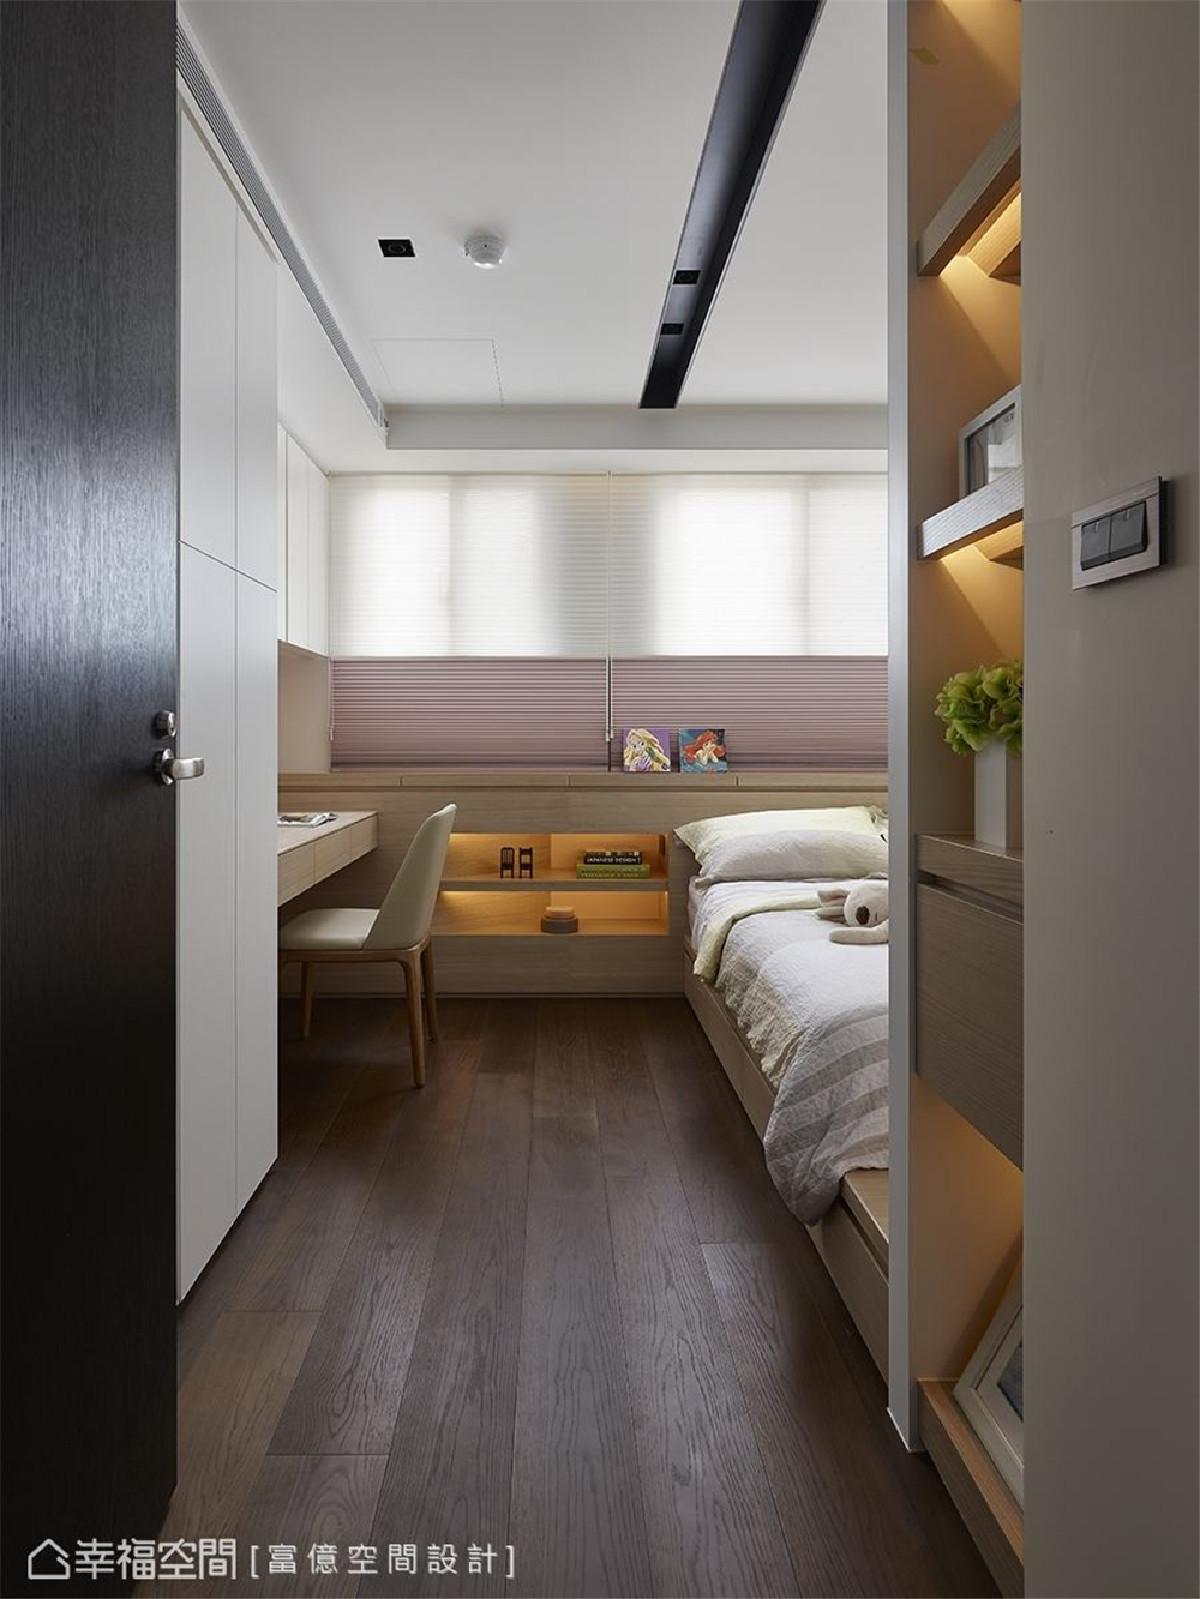 女孩房 木材质铺叙的女孩房,运用架高床板与矮柜设计,营造符合孩子能自在游乐的场域。